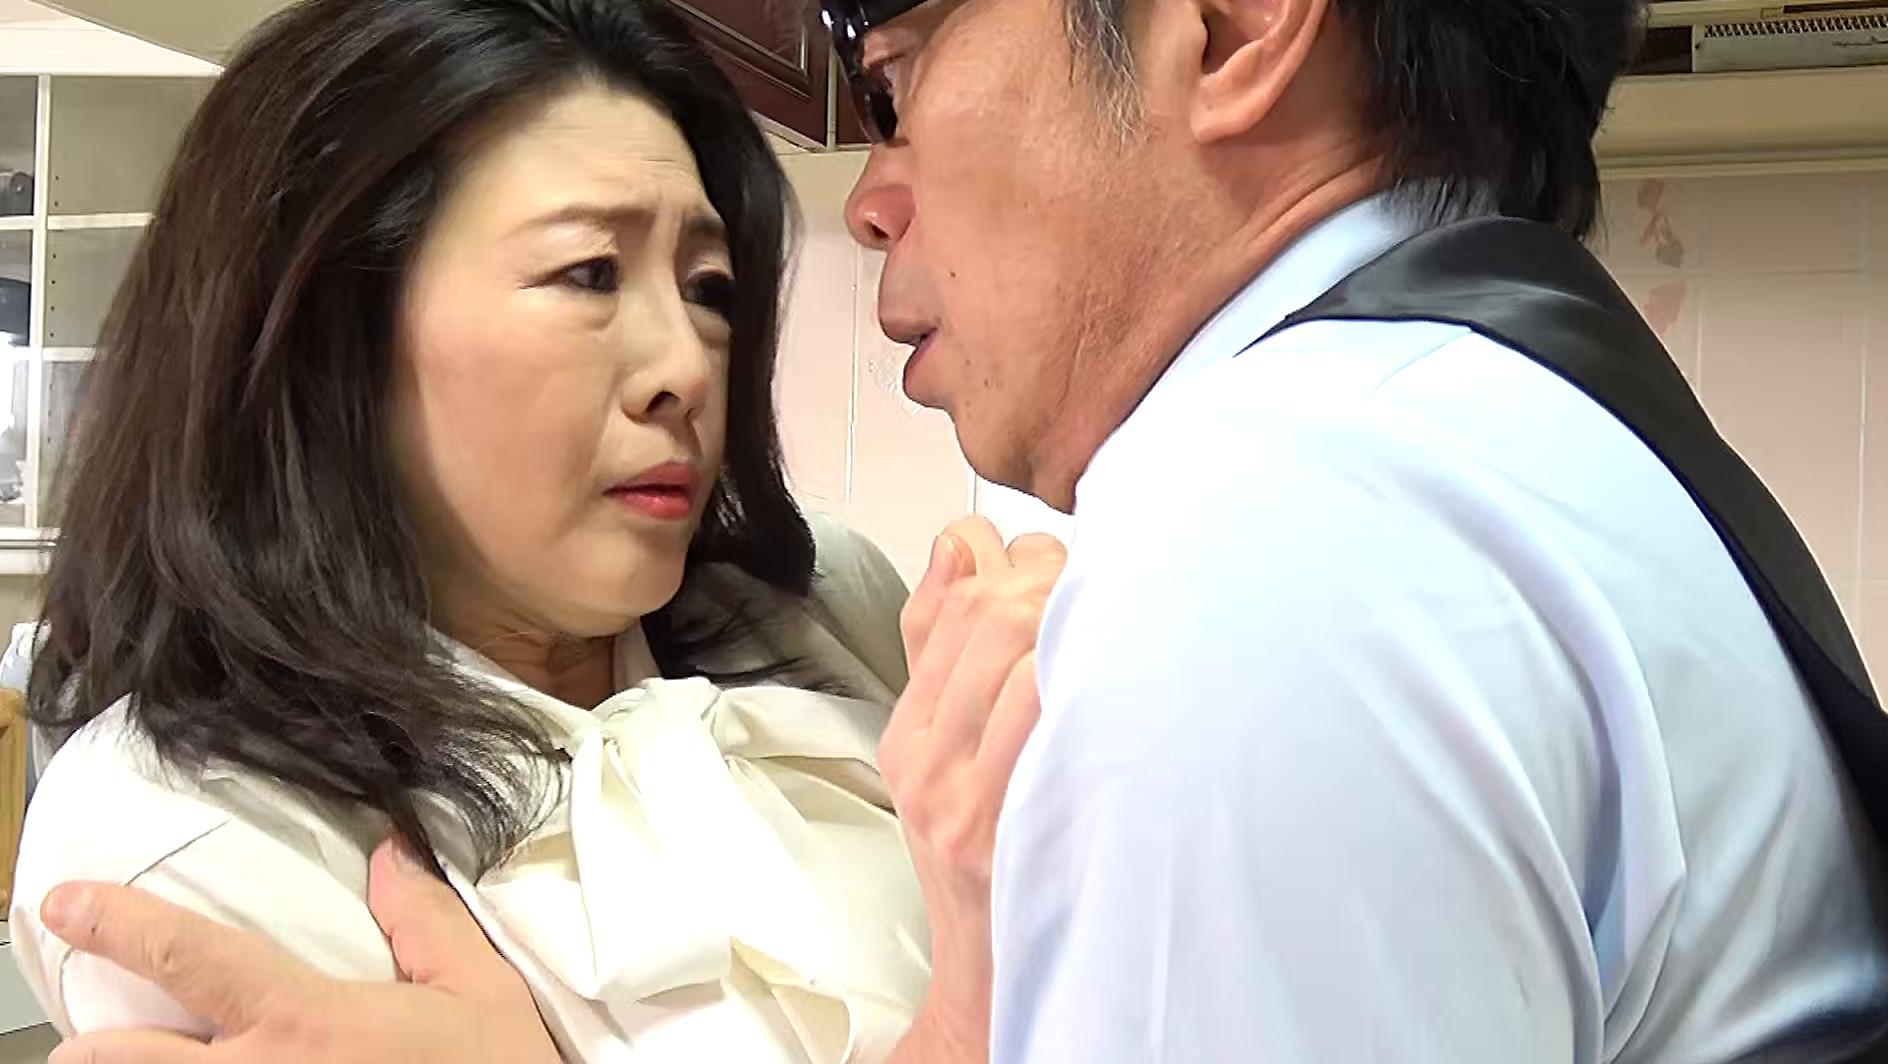 熟妻 夫の誘いは拒絶するのに夫の上司には股を開く五十路妻 息子のイジメ問題で生活指導の先生は母親を脅し中出し! 画像4